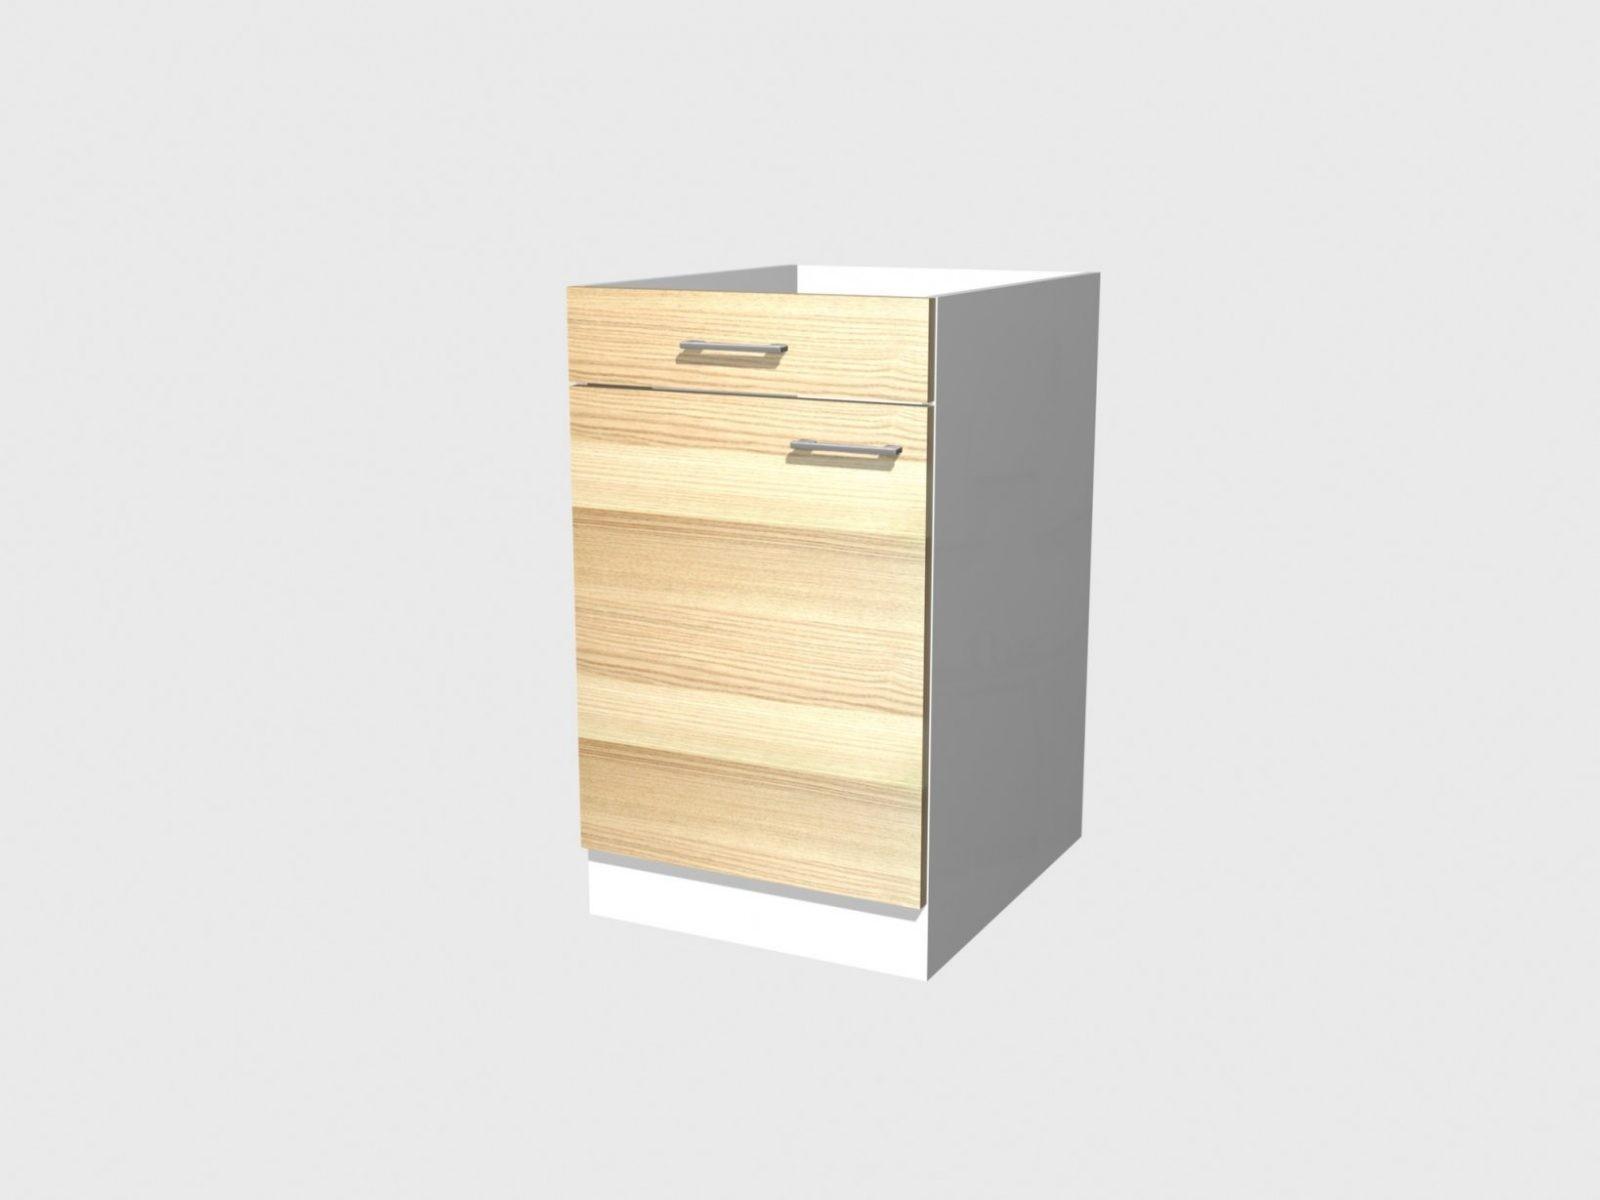 Küchenschränke Einzeln Ohne Arbeitsplatte Unique Galerie Küchen von Küchen Unterschrank Ohne Arbeitsplatte Bild